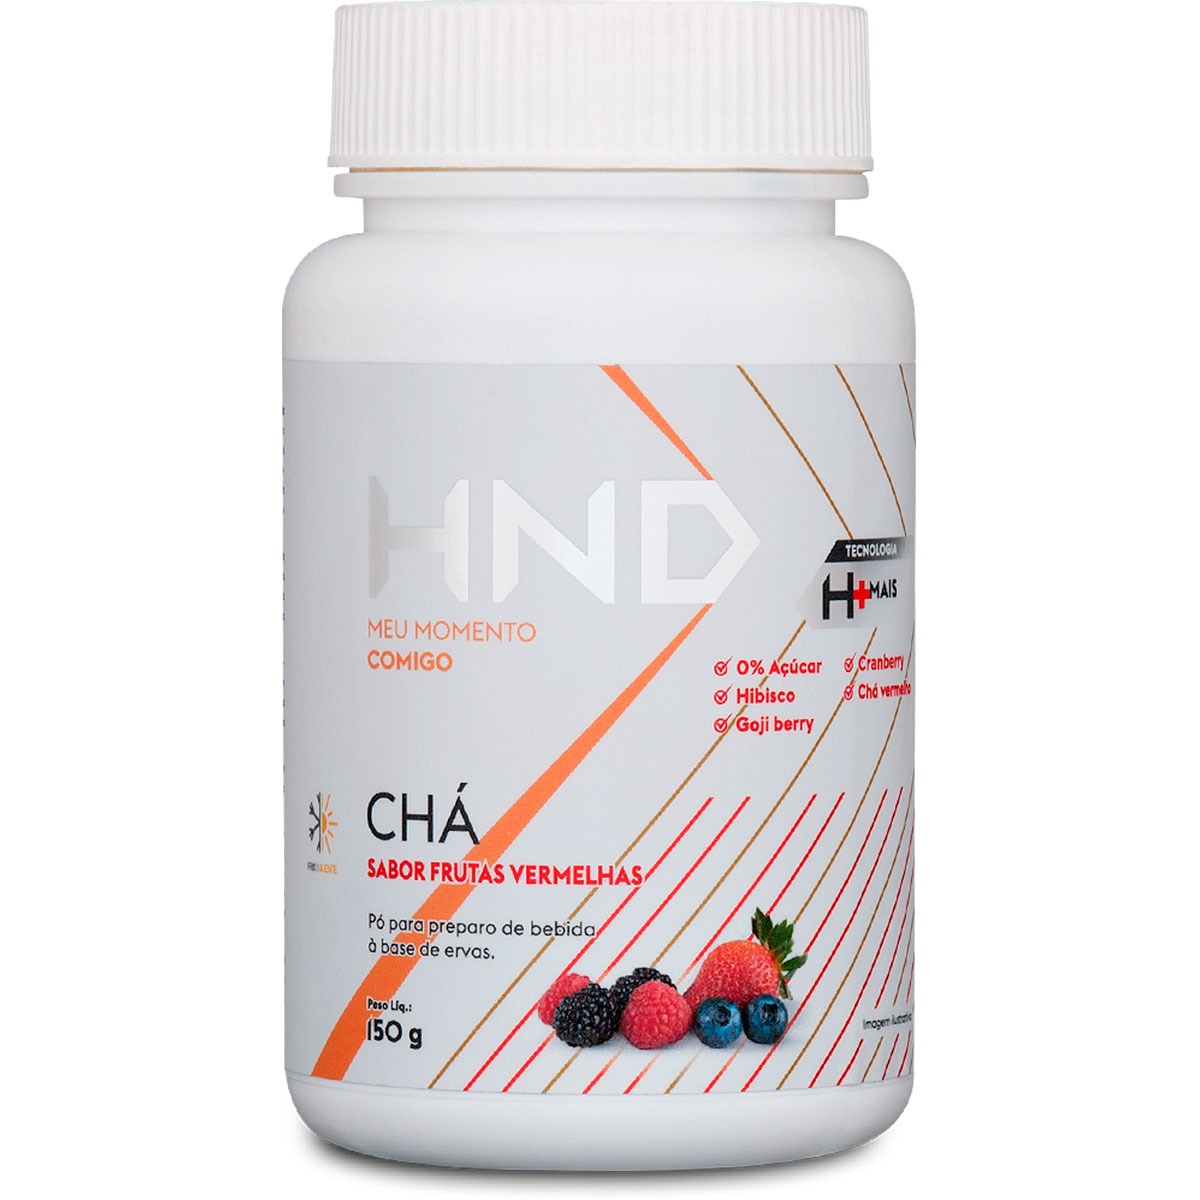 Chá H+ Frutas Vermelhas - 150g - Hinode